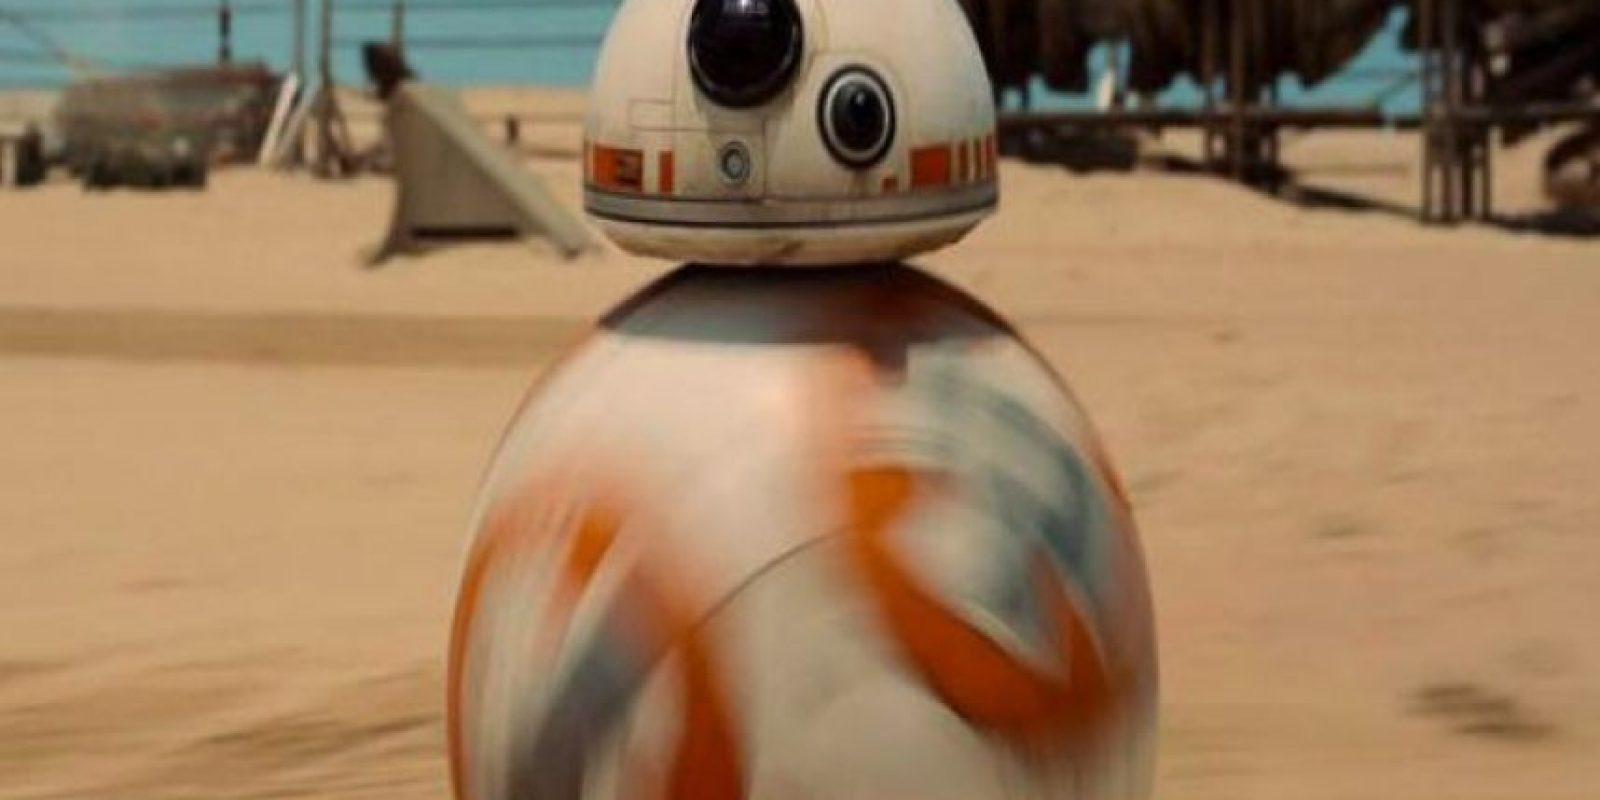 """Apareció en el primer avance de la película """"Episode VII: The Force Awakens"""" Foto:LucasFilm"""